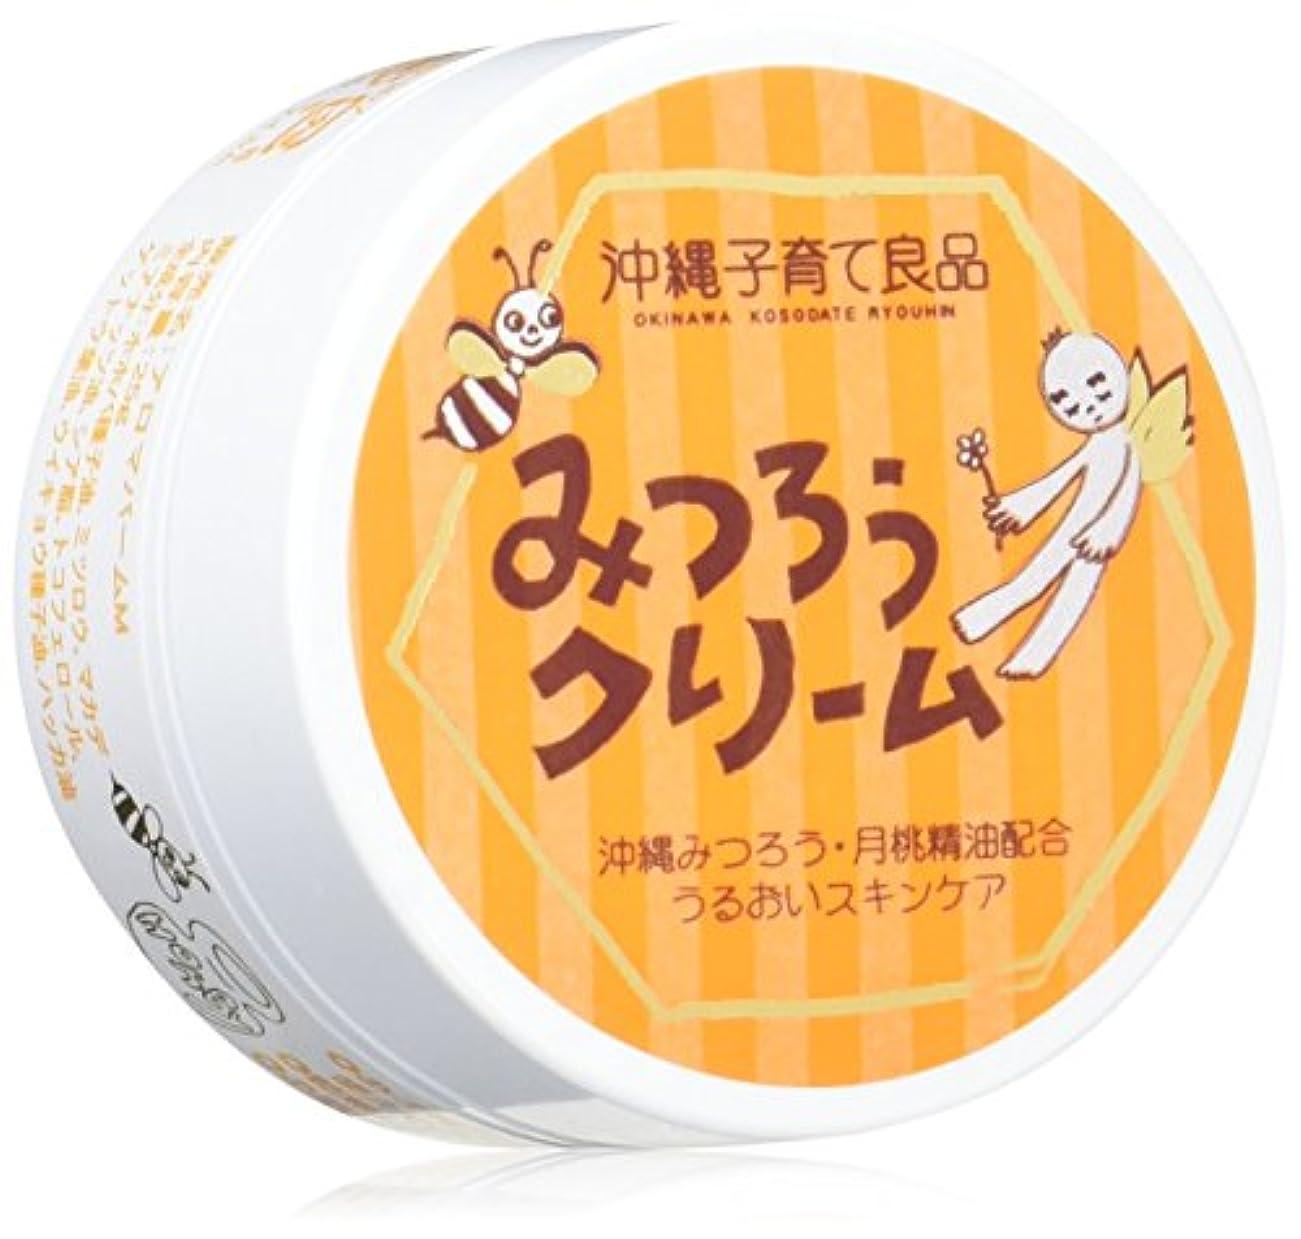 大陸ショルダー成熟した沖縄子育て良品 みつろうクリーム (25g)